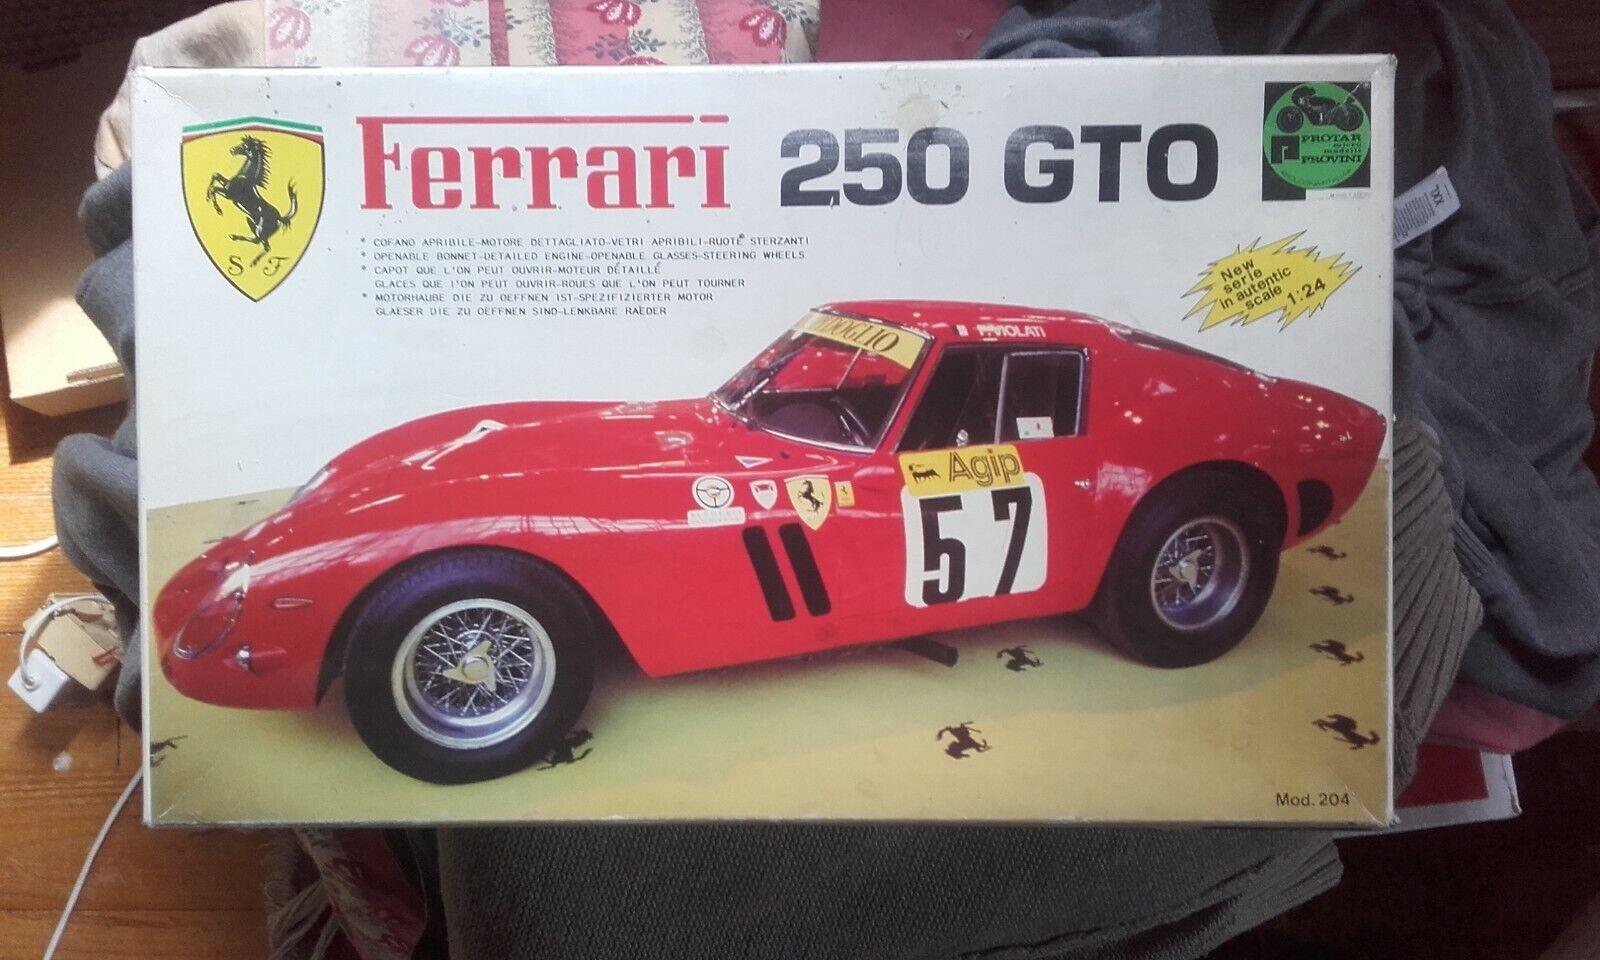 Ferrari 250 gto  1 24  maquette predar